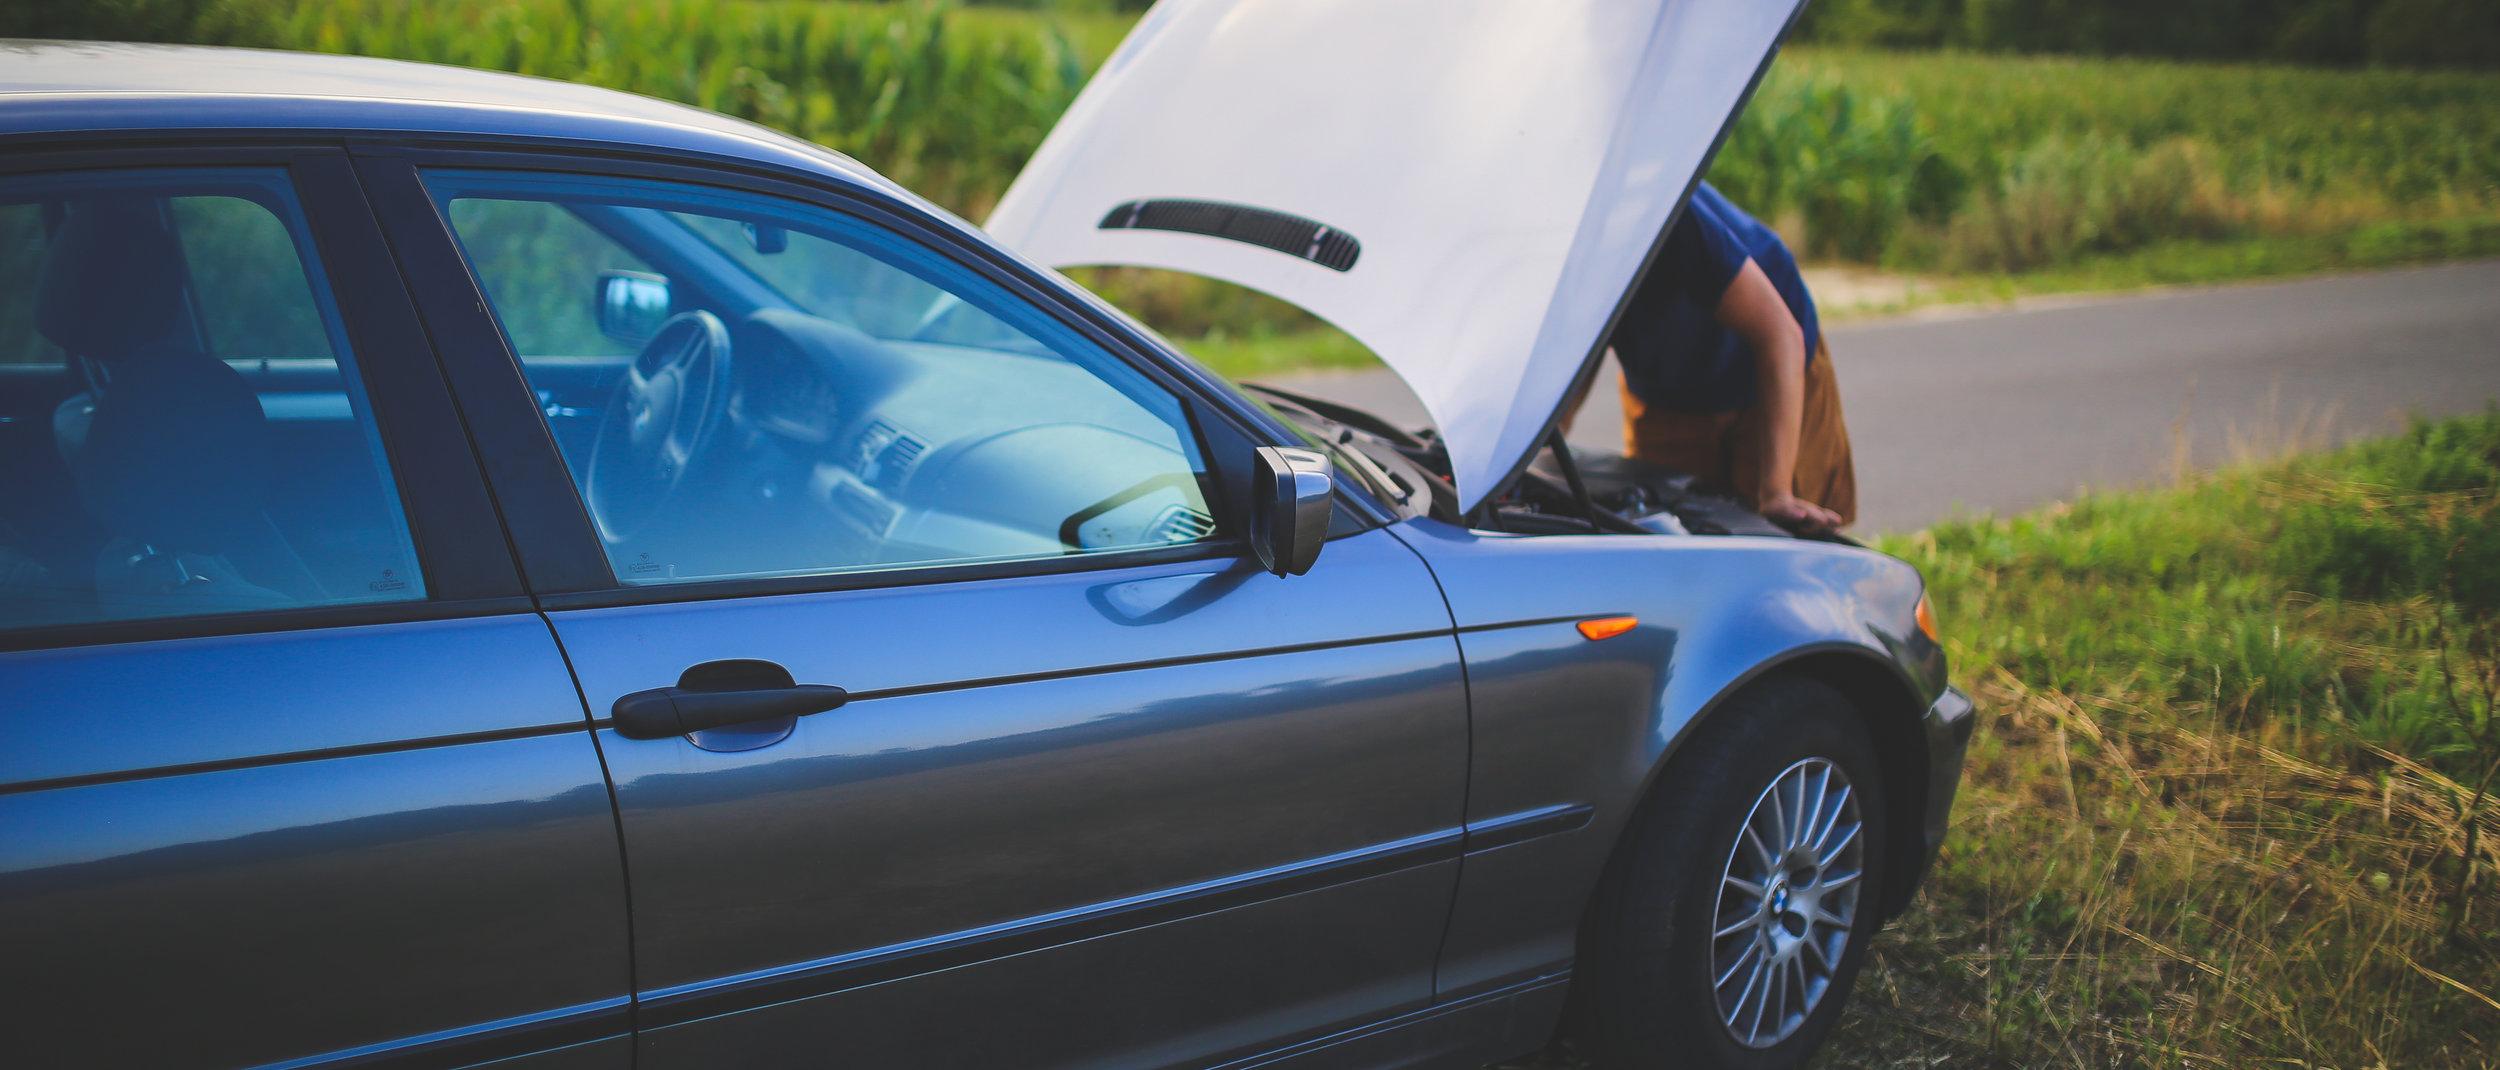 road-man-broken-car-6078.jpg